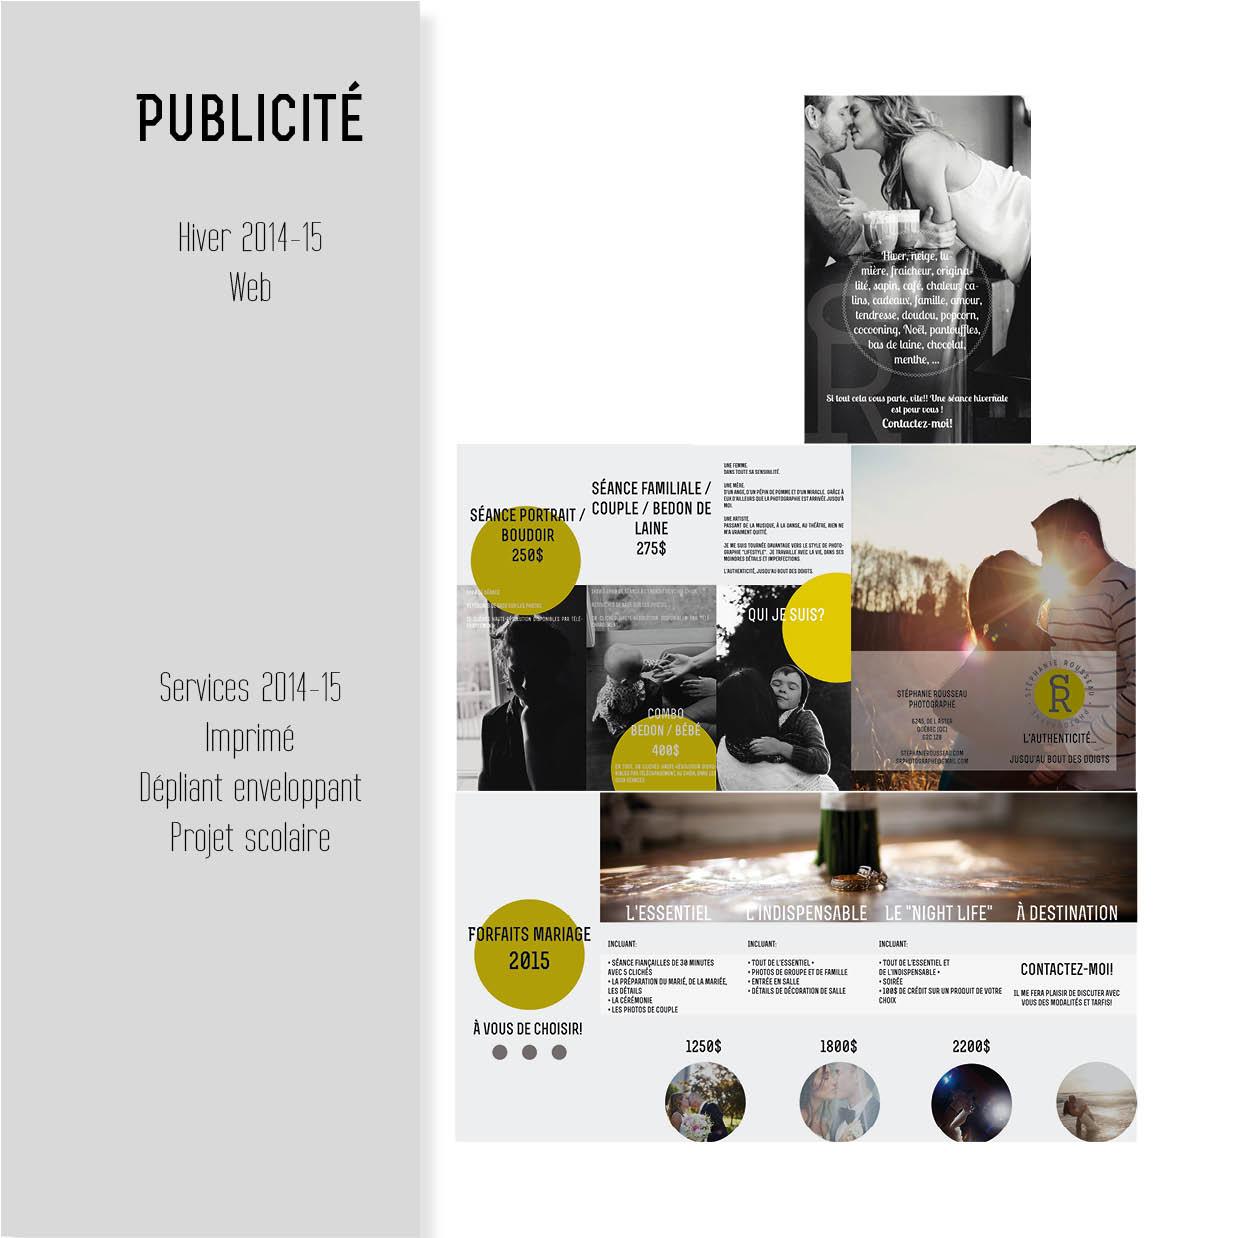 rousseau_stephanie_portfolio13.jpg